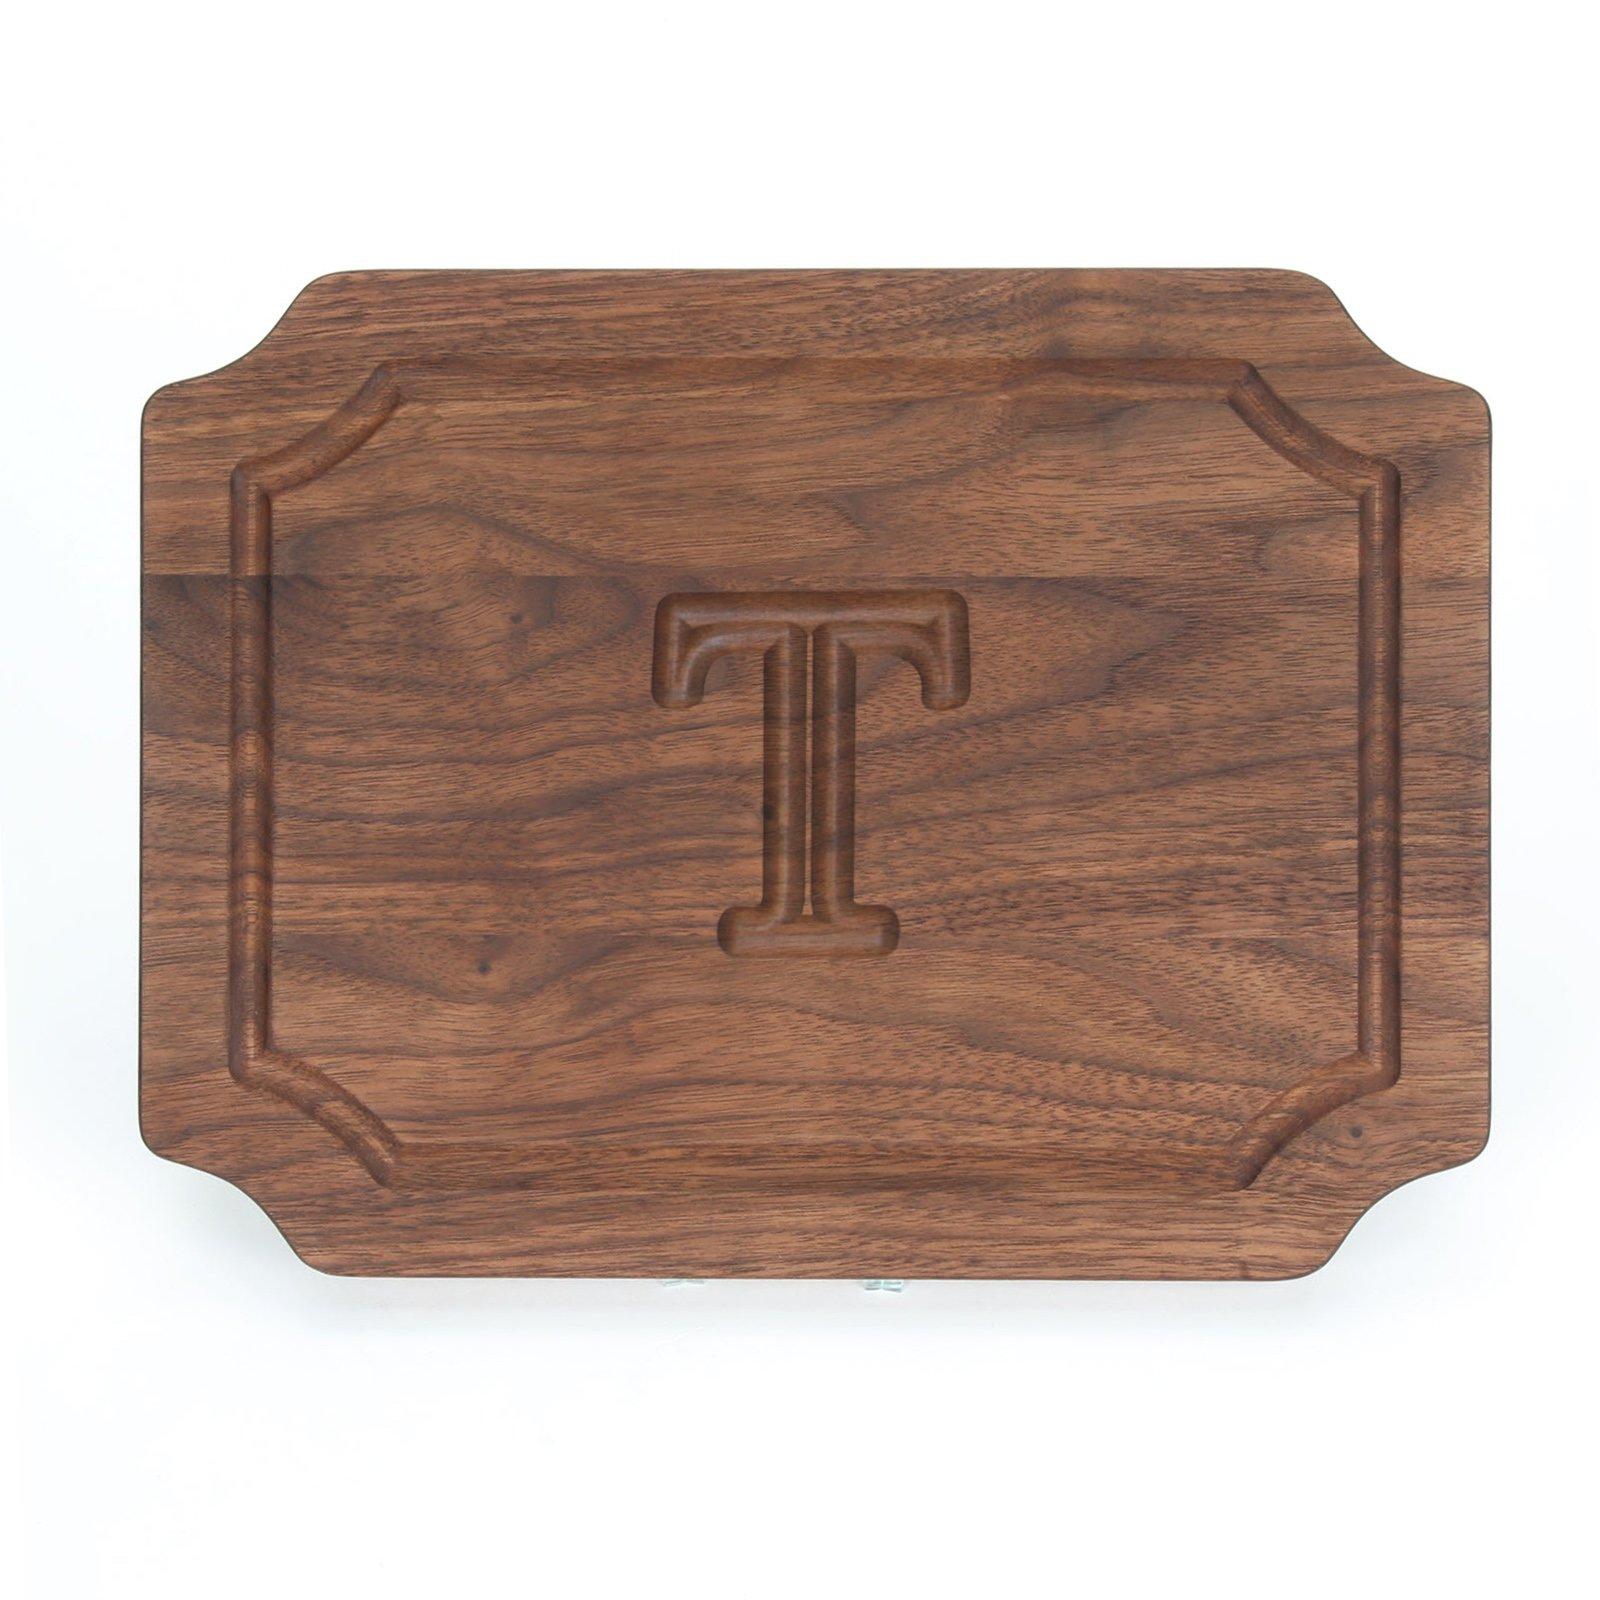 BigWood Boards W300-T Cutting Board, Monogrammed Wedding Gift Cutting Board, Small Cheese Board, Walnut Wood Serving Tray,''T''